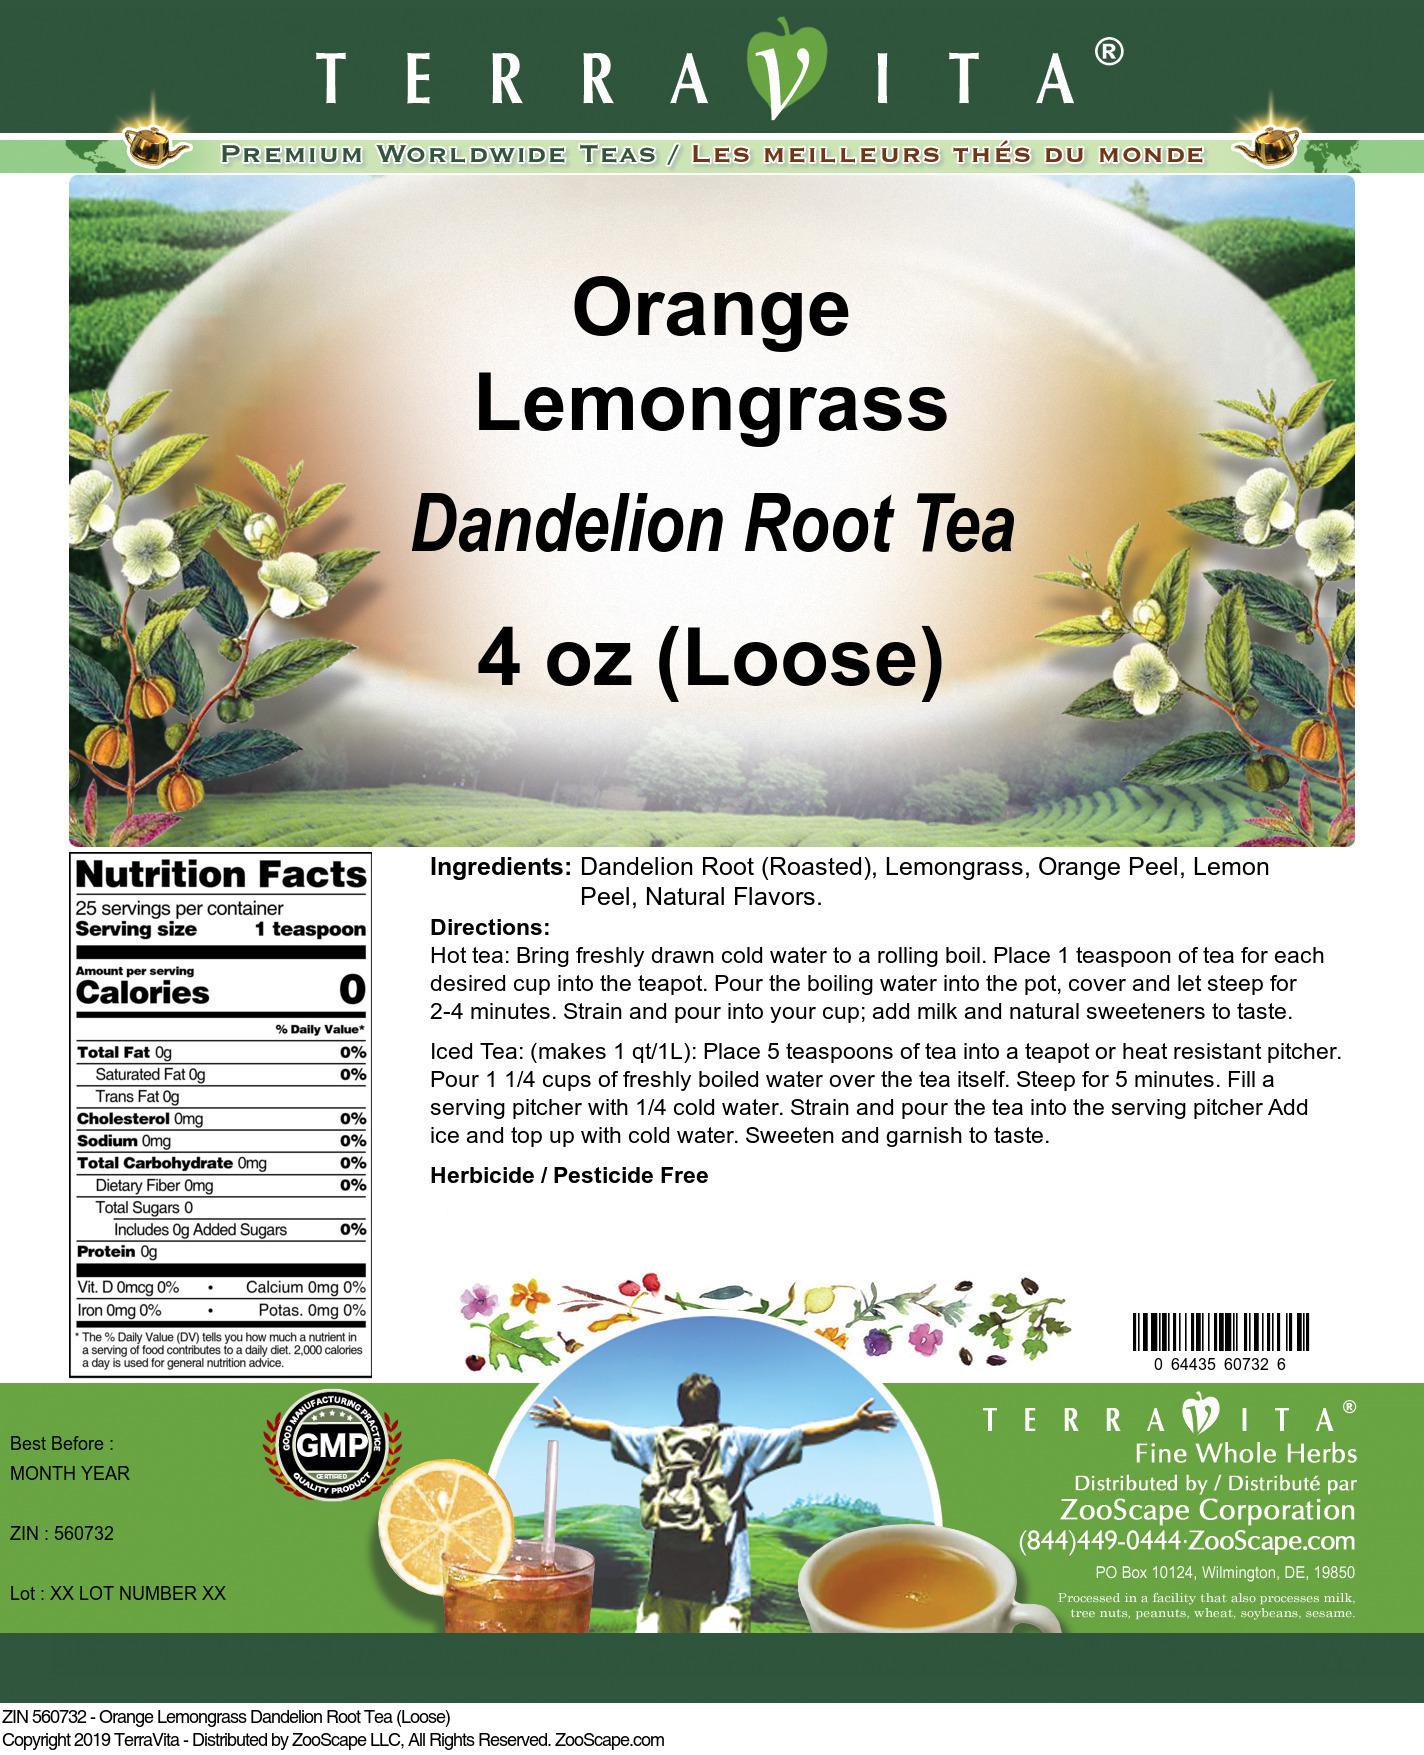 Orange Lemongrass Dandelion Root